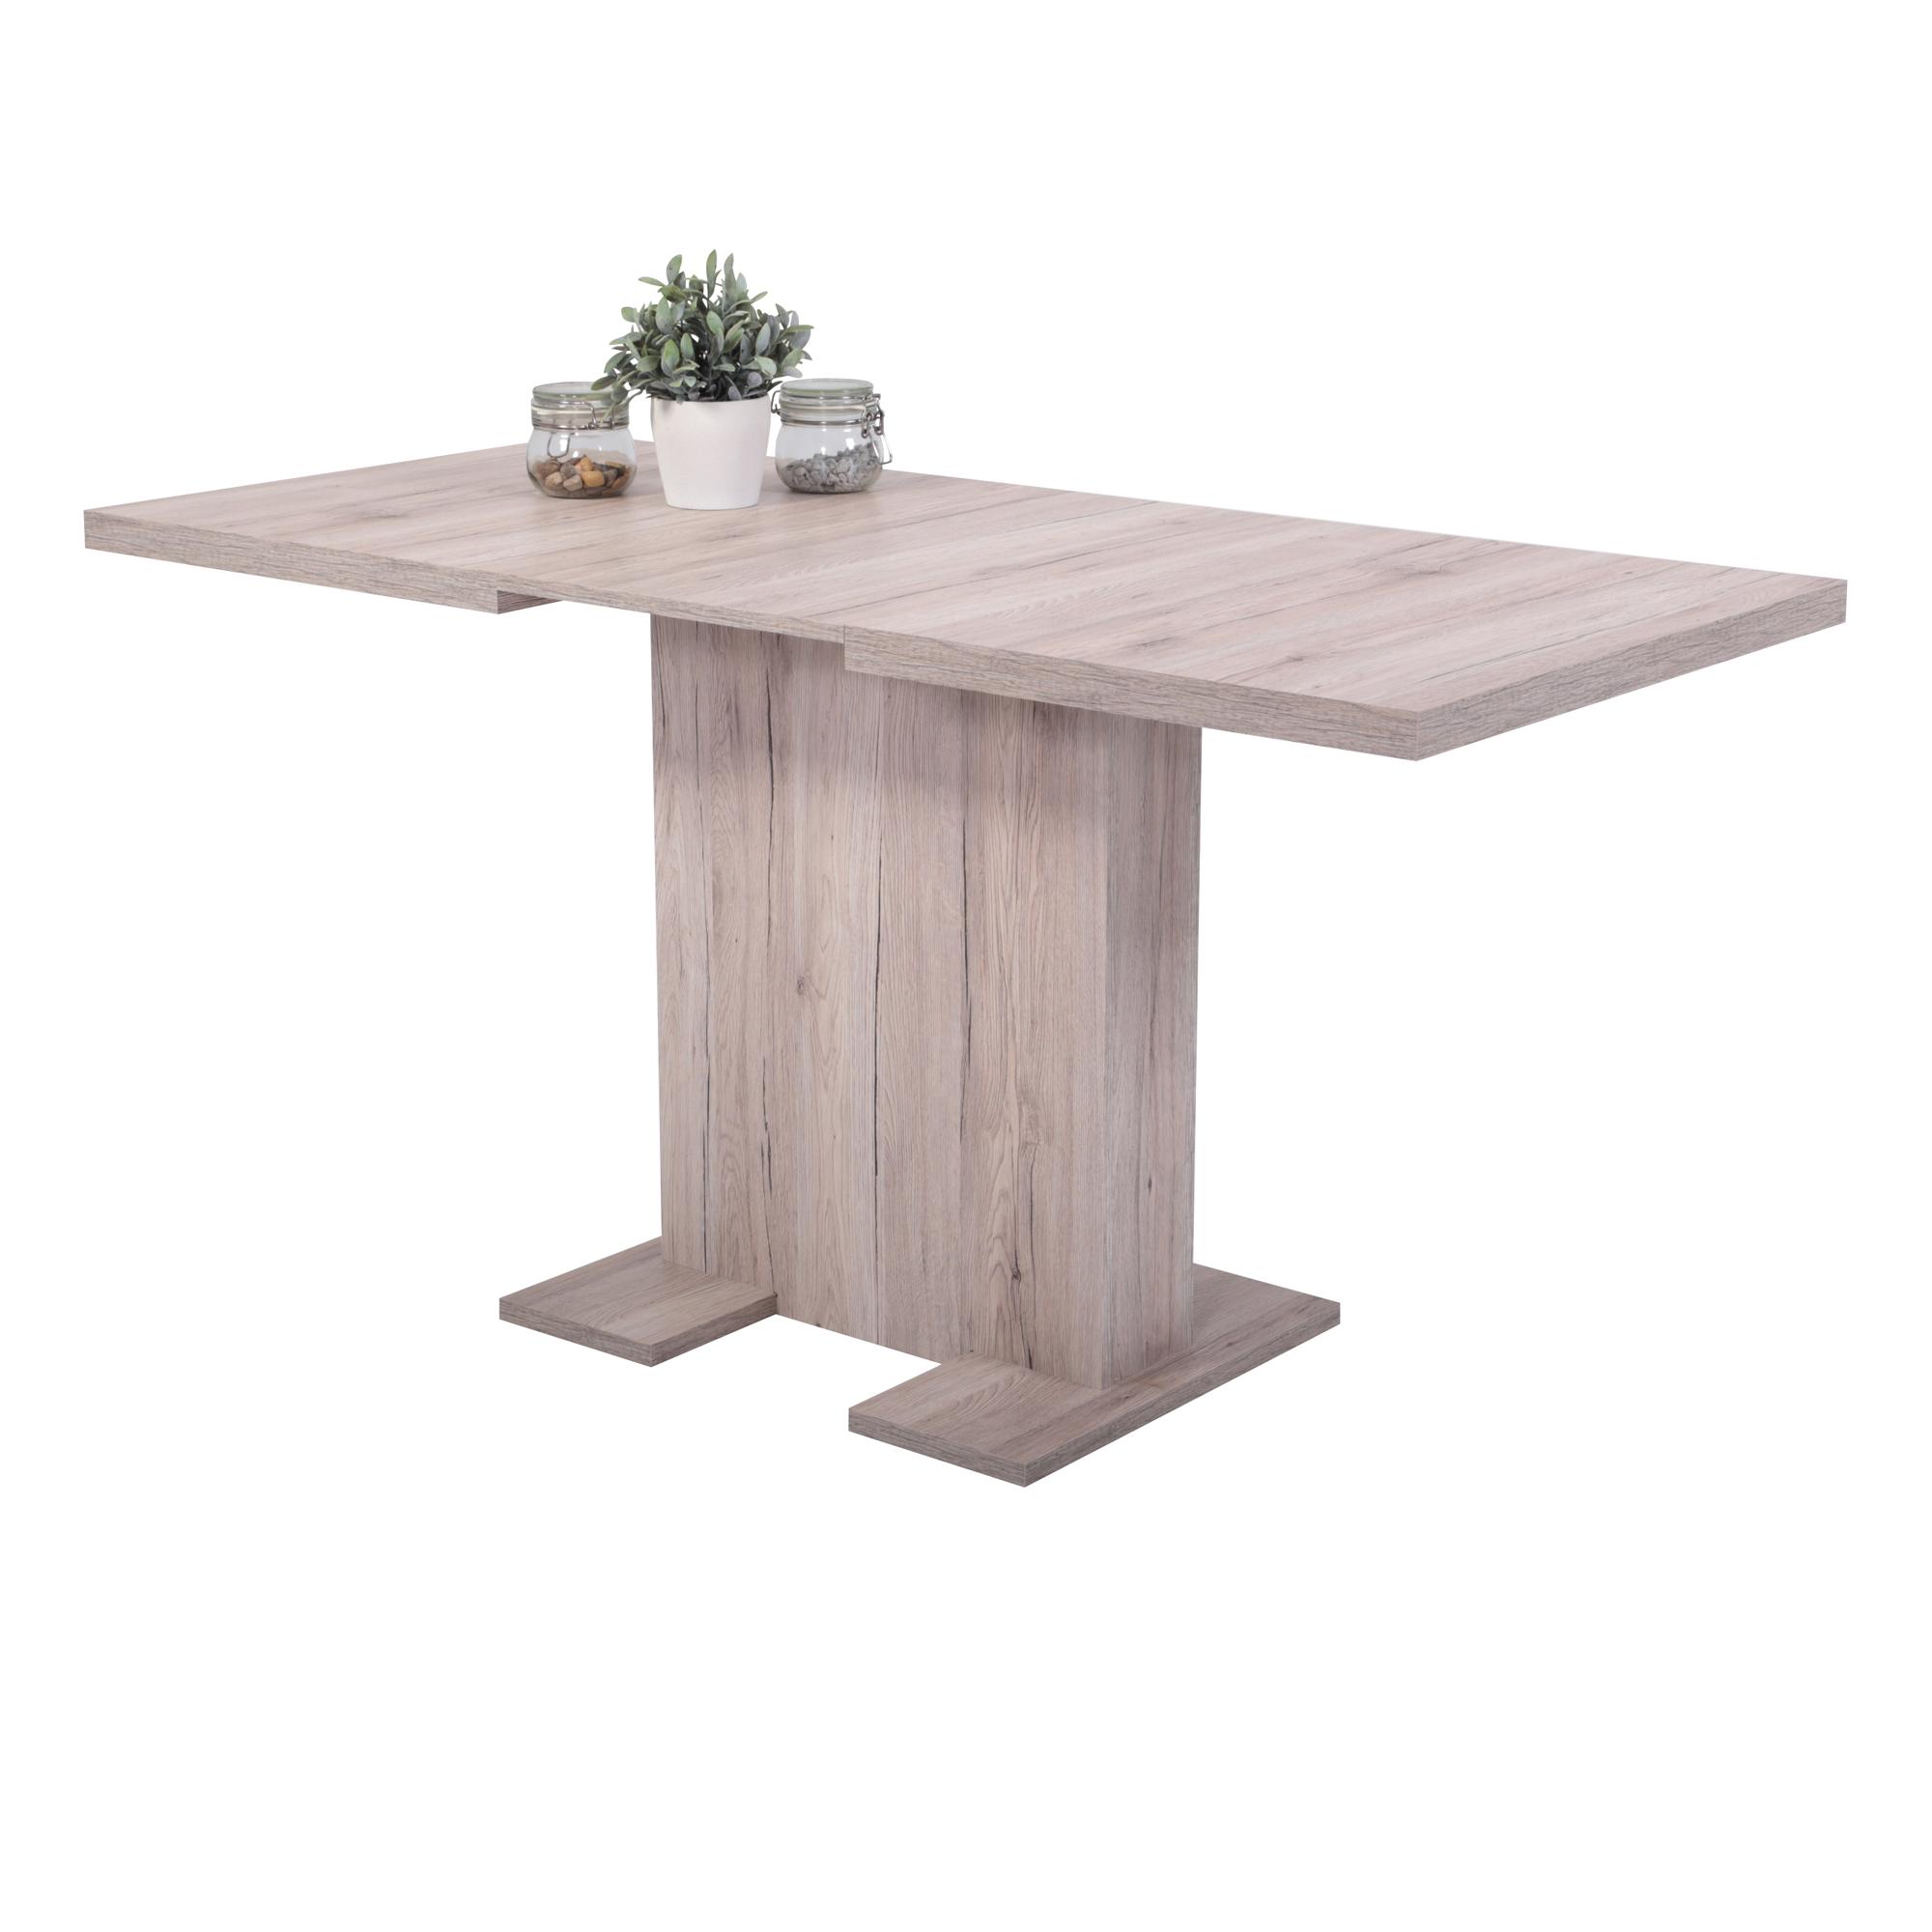 Esstisch BRITT Tischplatte ausziehbar 110 x 69 cm